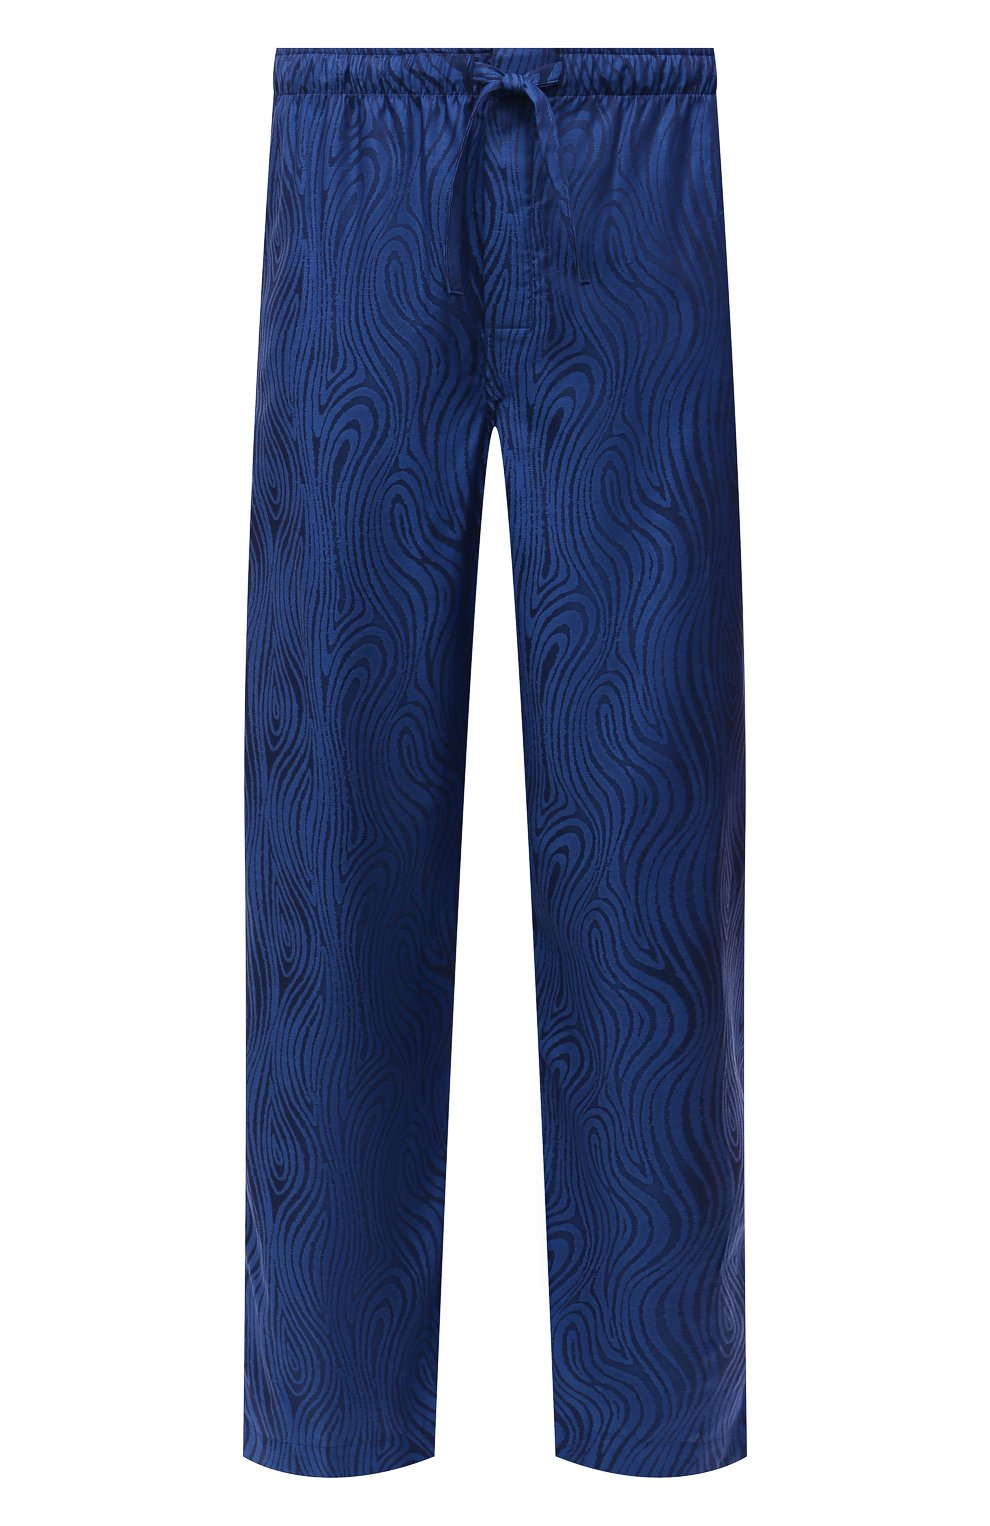 Мужские хлопковые домашние брюки DEREK ROSE синего цвета, арт. 3564-PARI020 | Фото 1 (Длина (брюки, джинсы): Стандартные; Кросс-КТ: домашняя одежда; Мужское Кросс-КТ: Брюки-белье; Материал внешний: Хлопок)